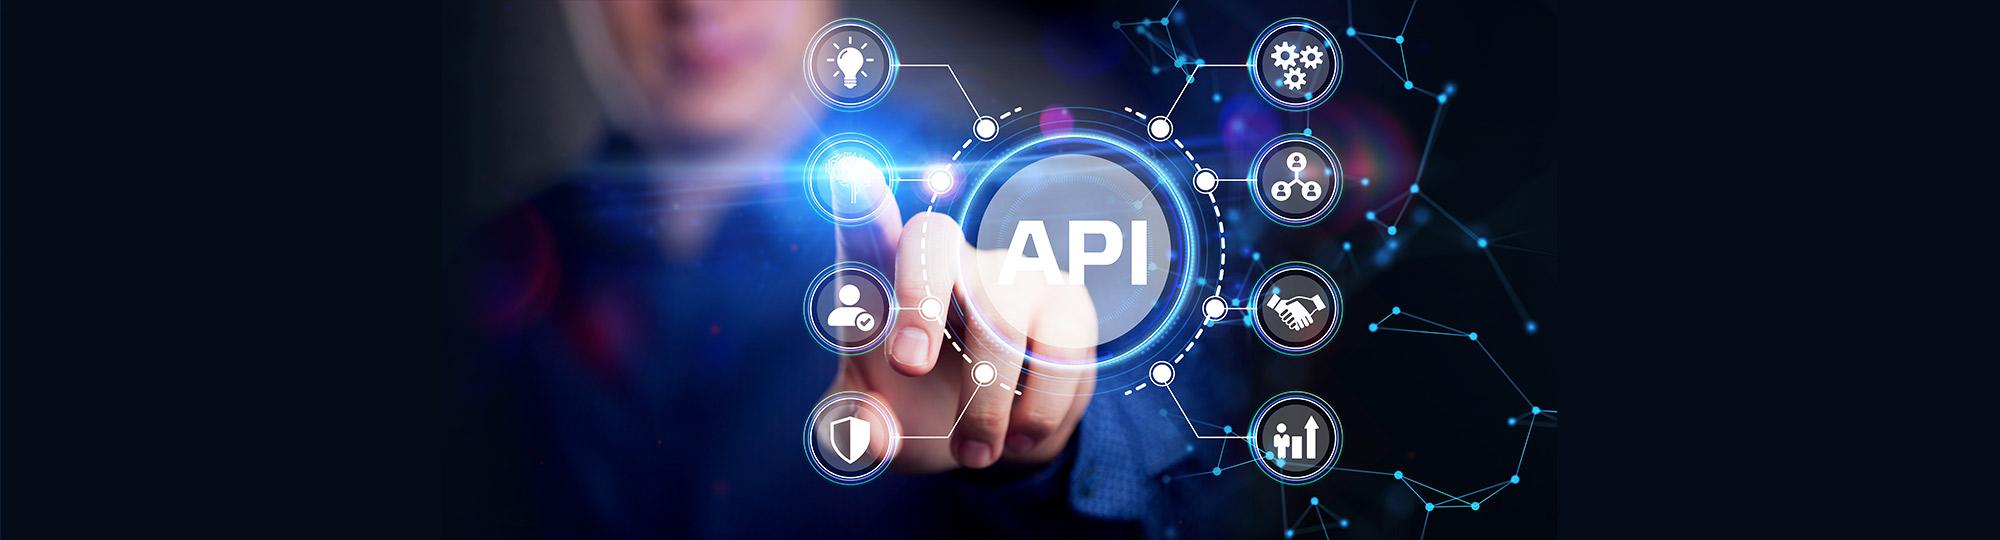 API Management Trends